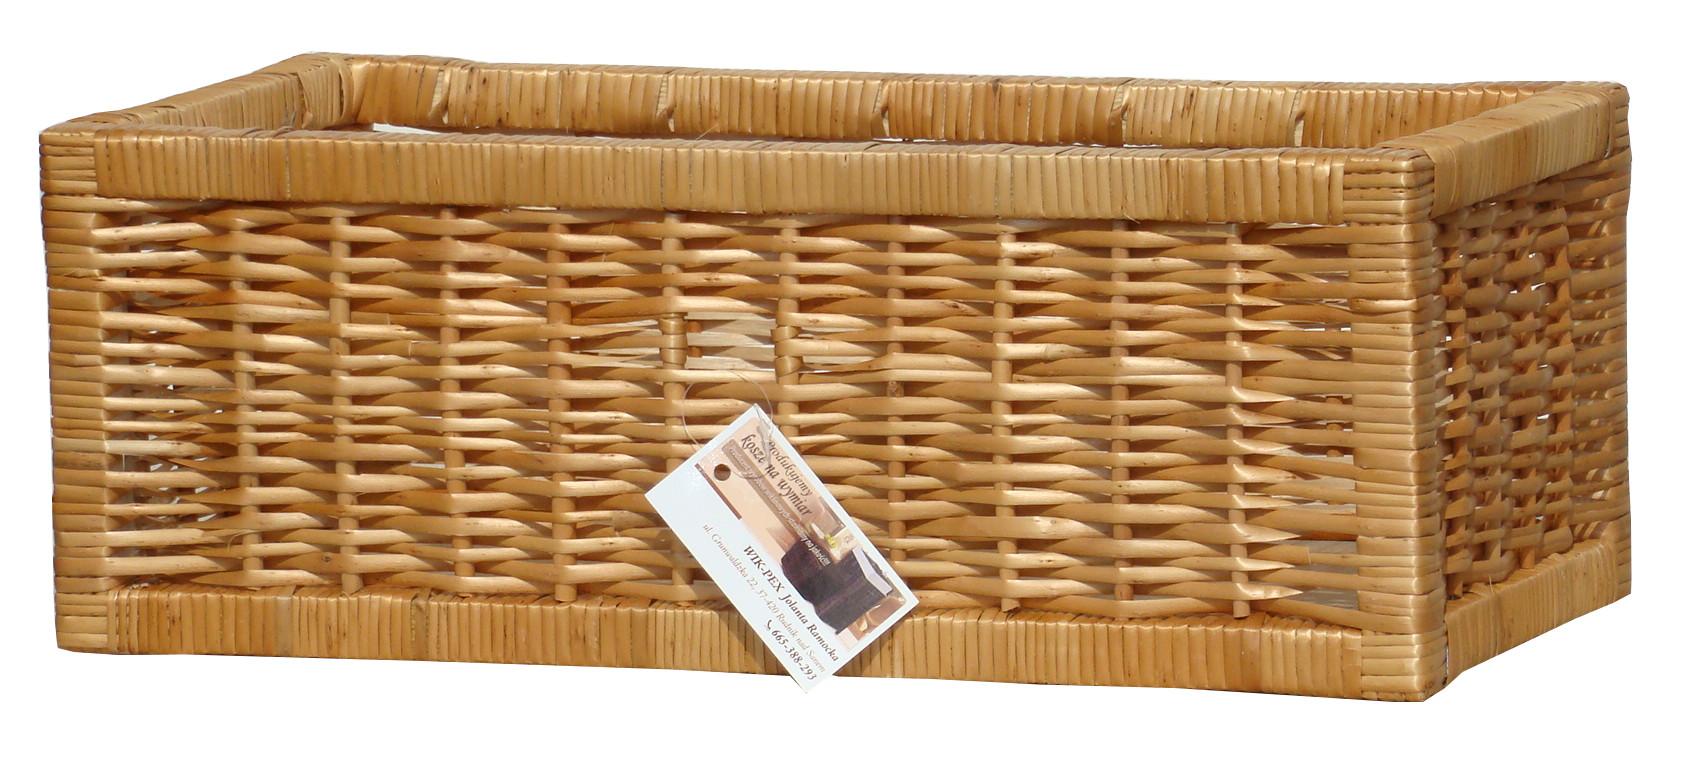 e42bb07bbac07c Koszyk z wikliny na półkę - wyroby z wikliny WIK-PEX